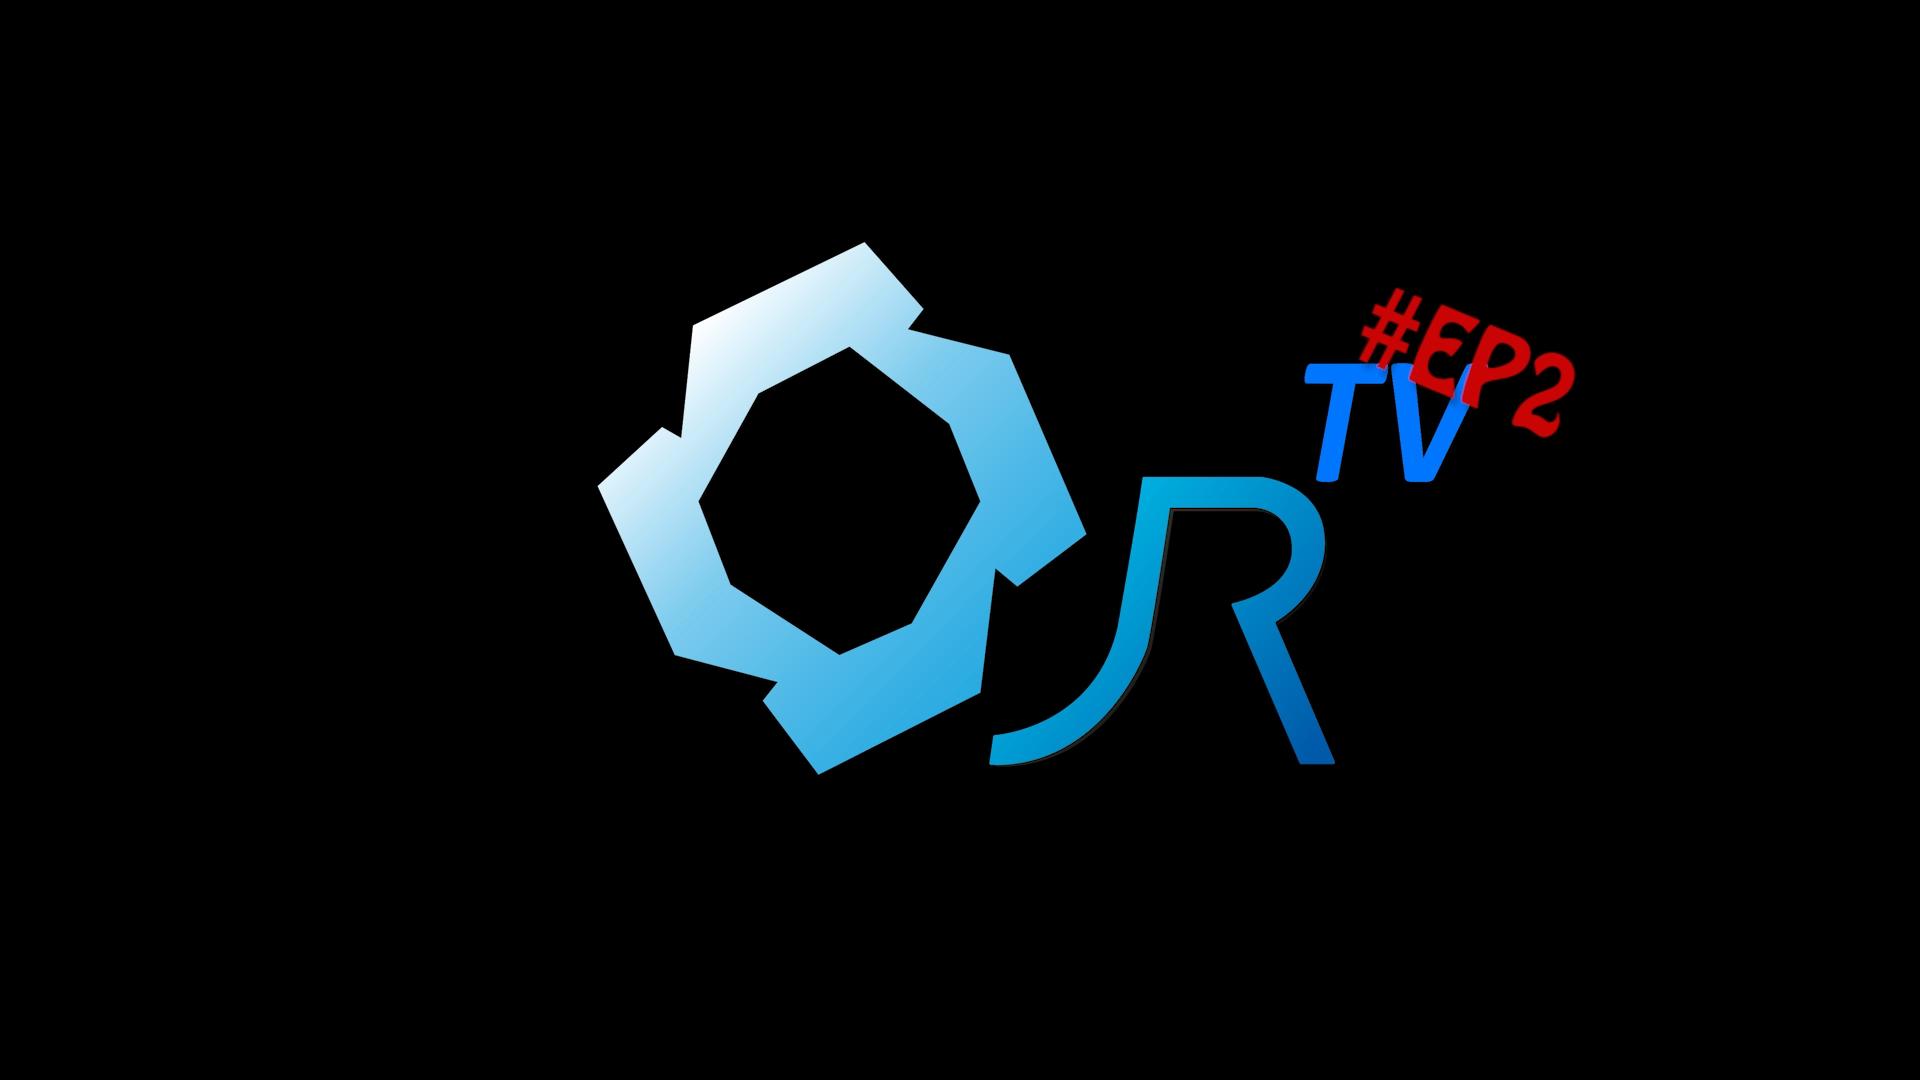 JRTV - #EP2